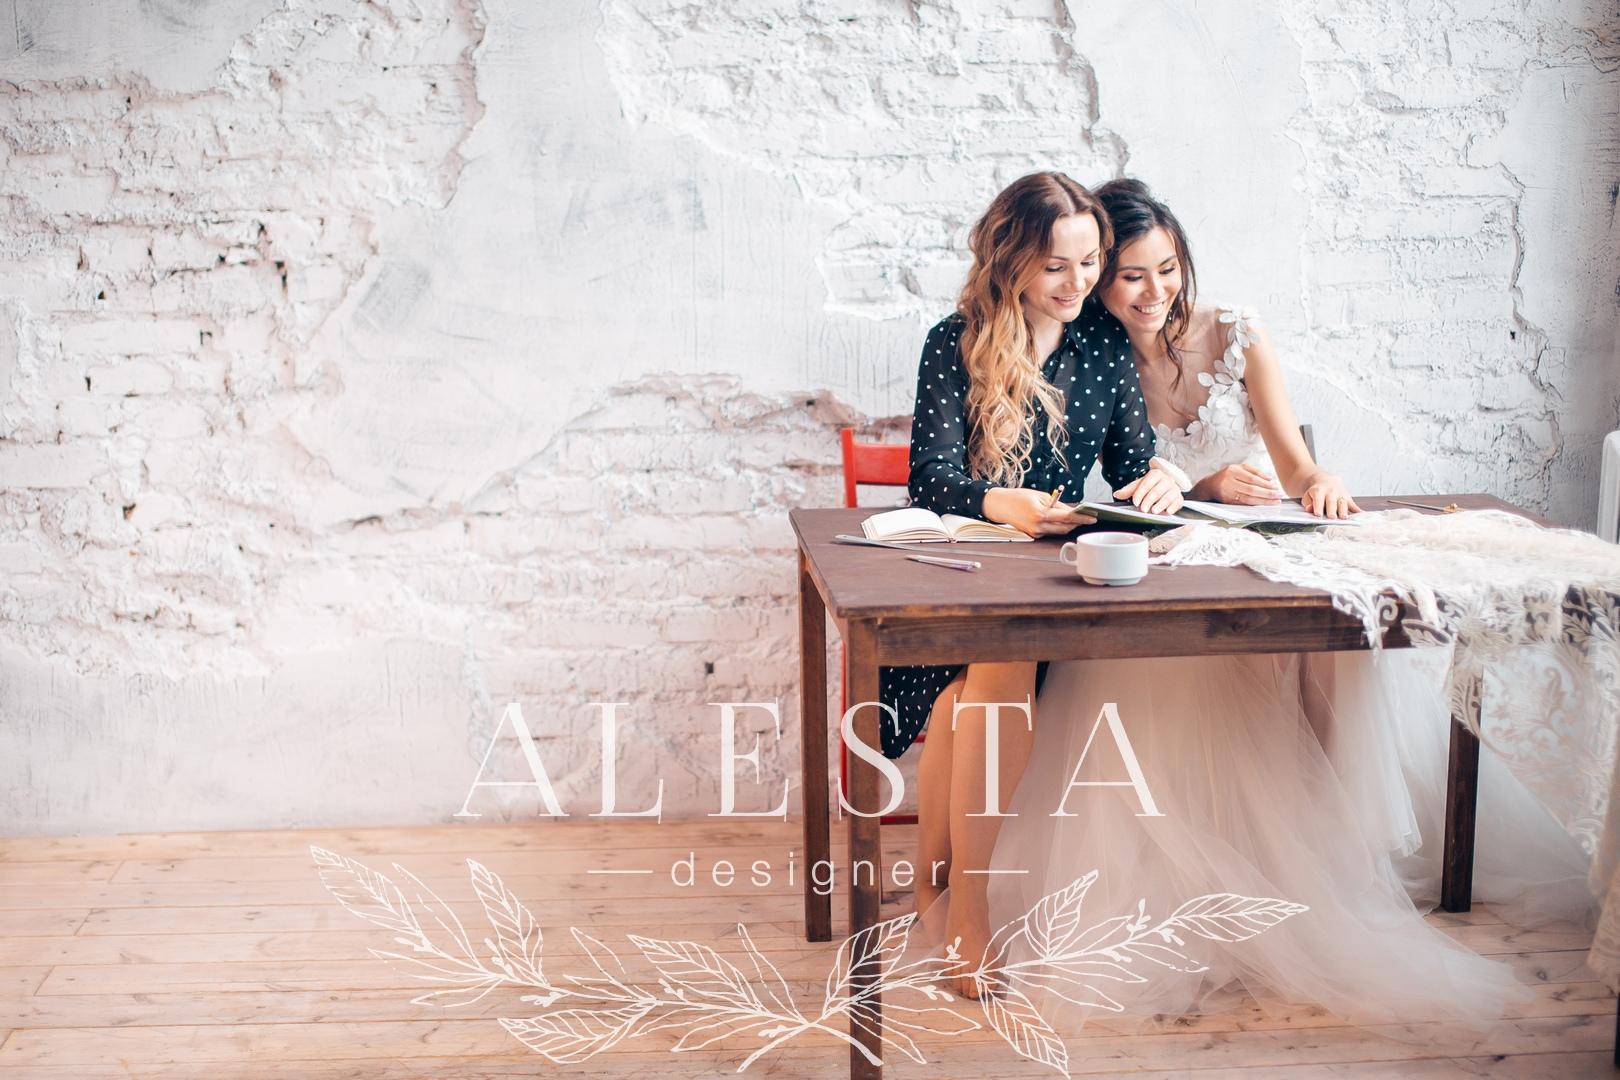 Записывайтесь на встречу с дизайнером, мы обсудим крой, ткани и отделку будущего платья.